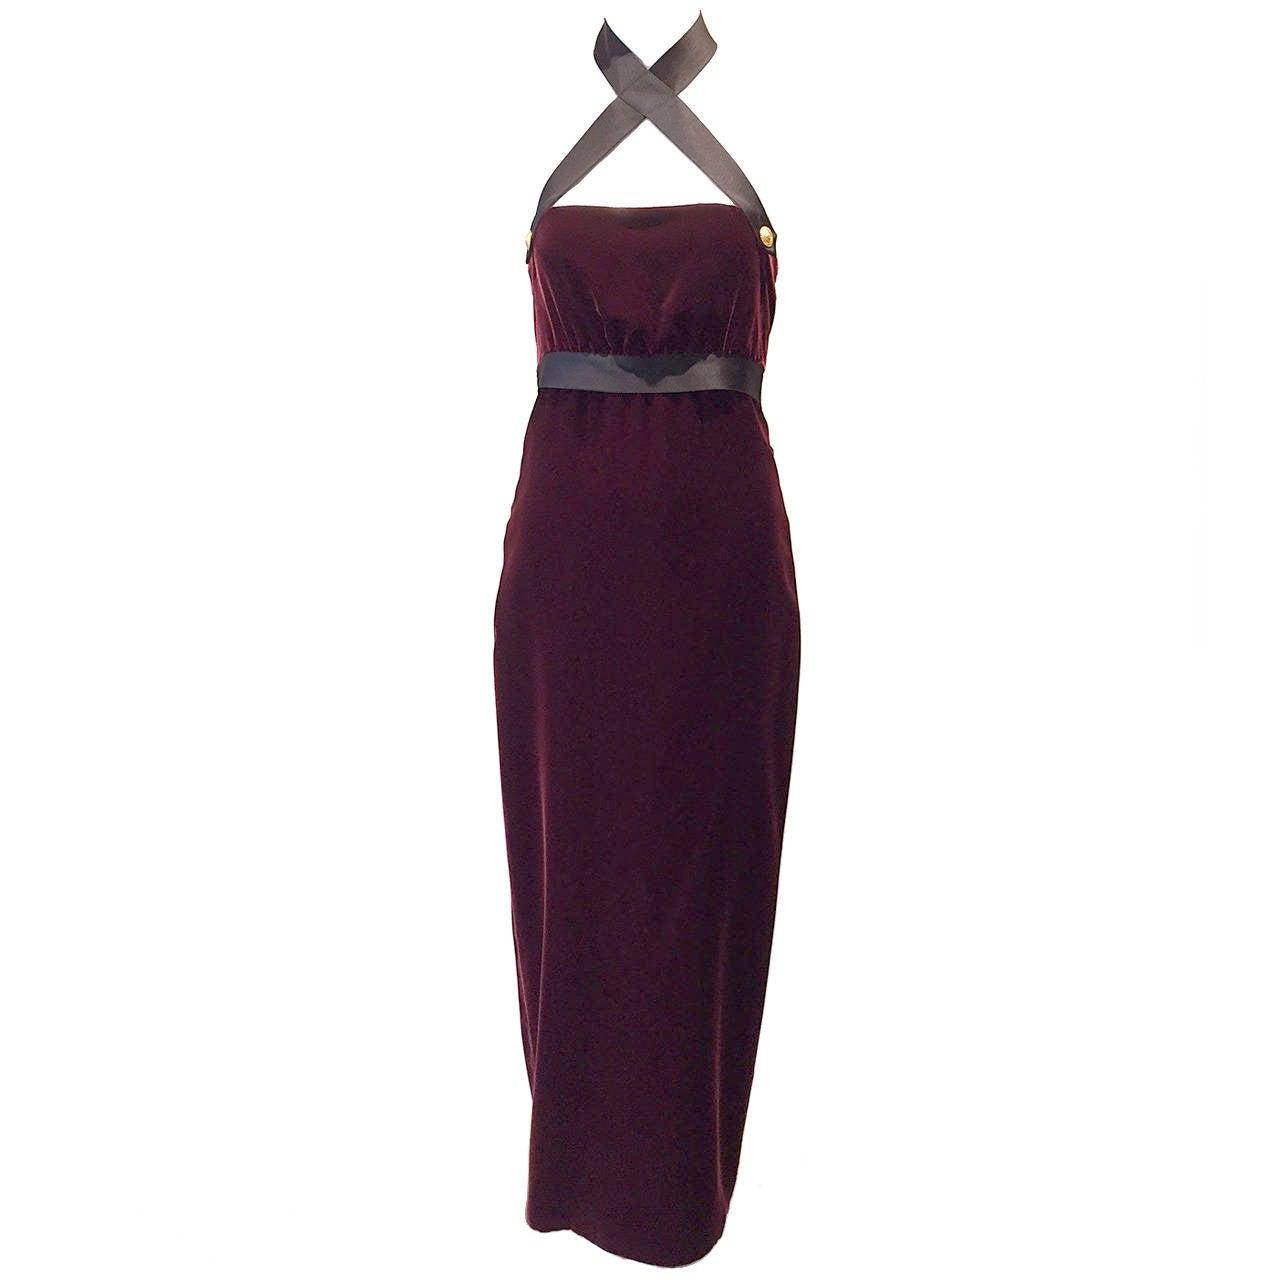 1990s Chanel burgundy velvet halter gown